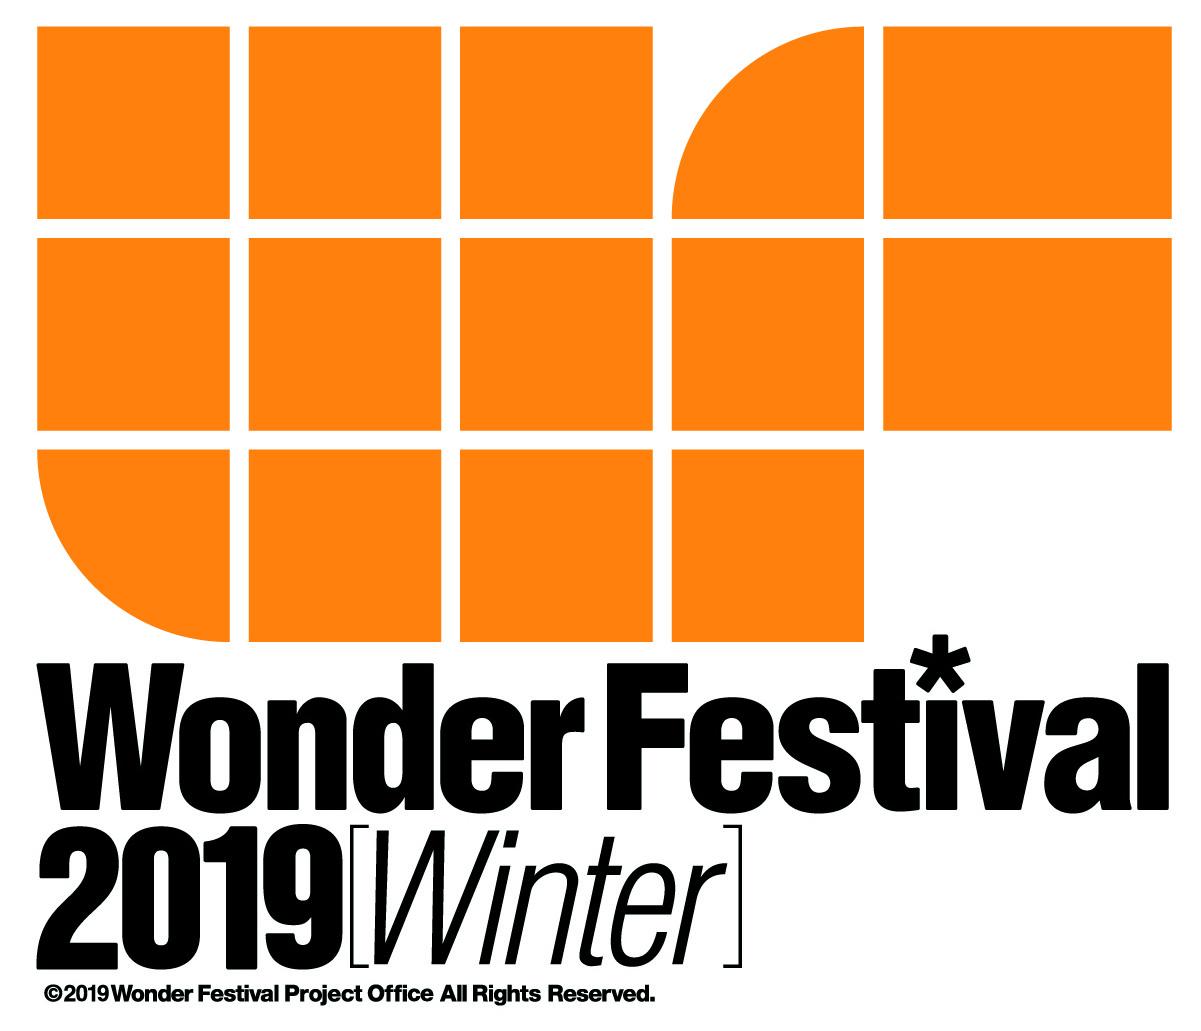 원더페스티벌 2019 겨울 (wf2019w) 행사날 입니다...